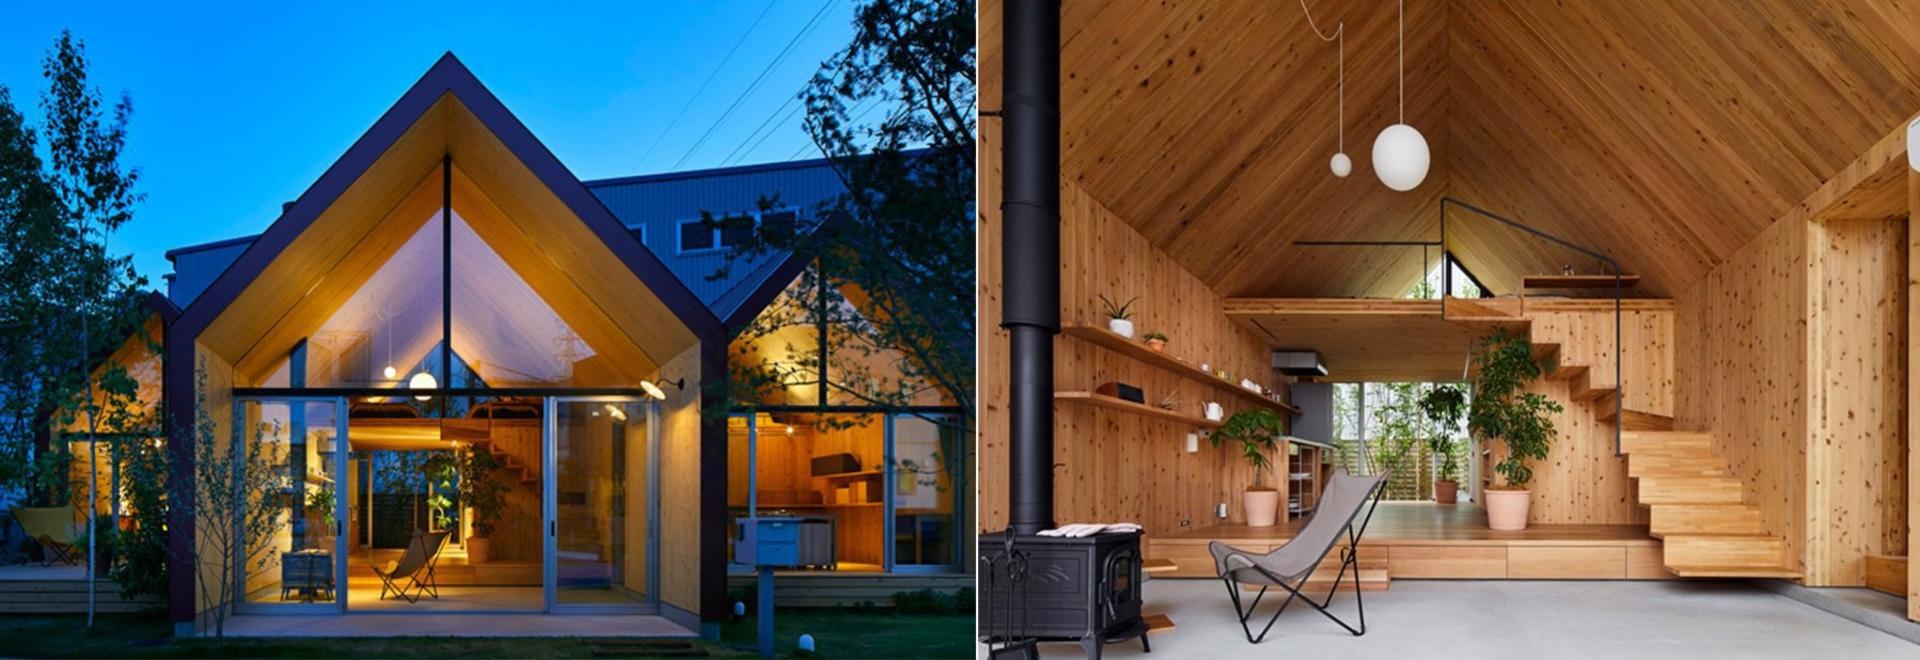 le studio d'architectes du mont Fuji emploie le bois de CLT pour le logement préfabriqué au Japon